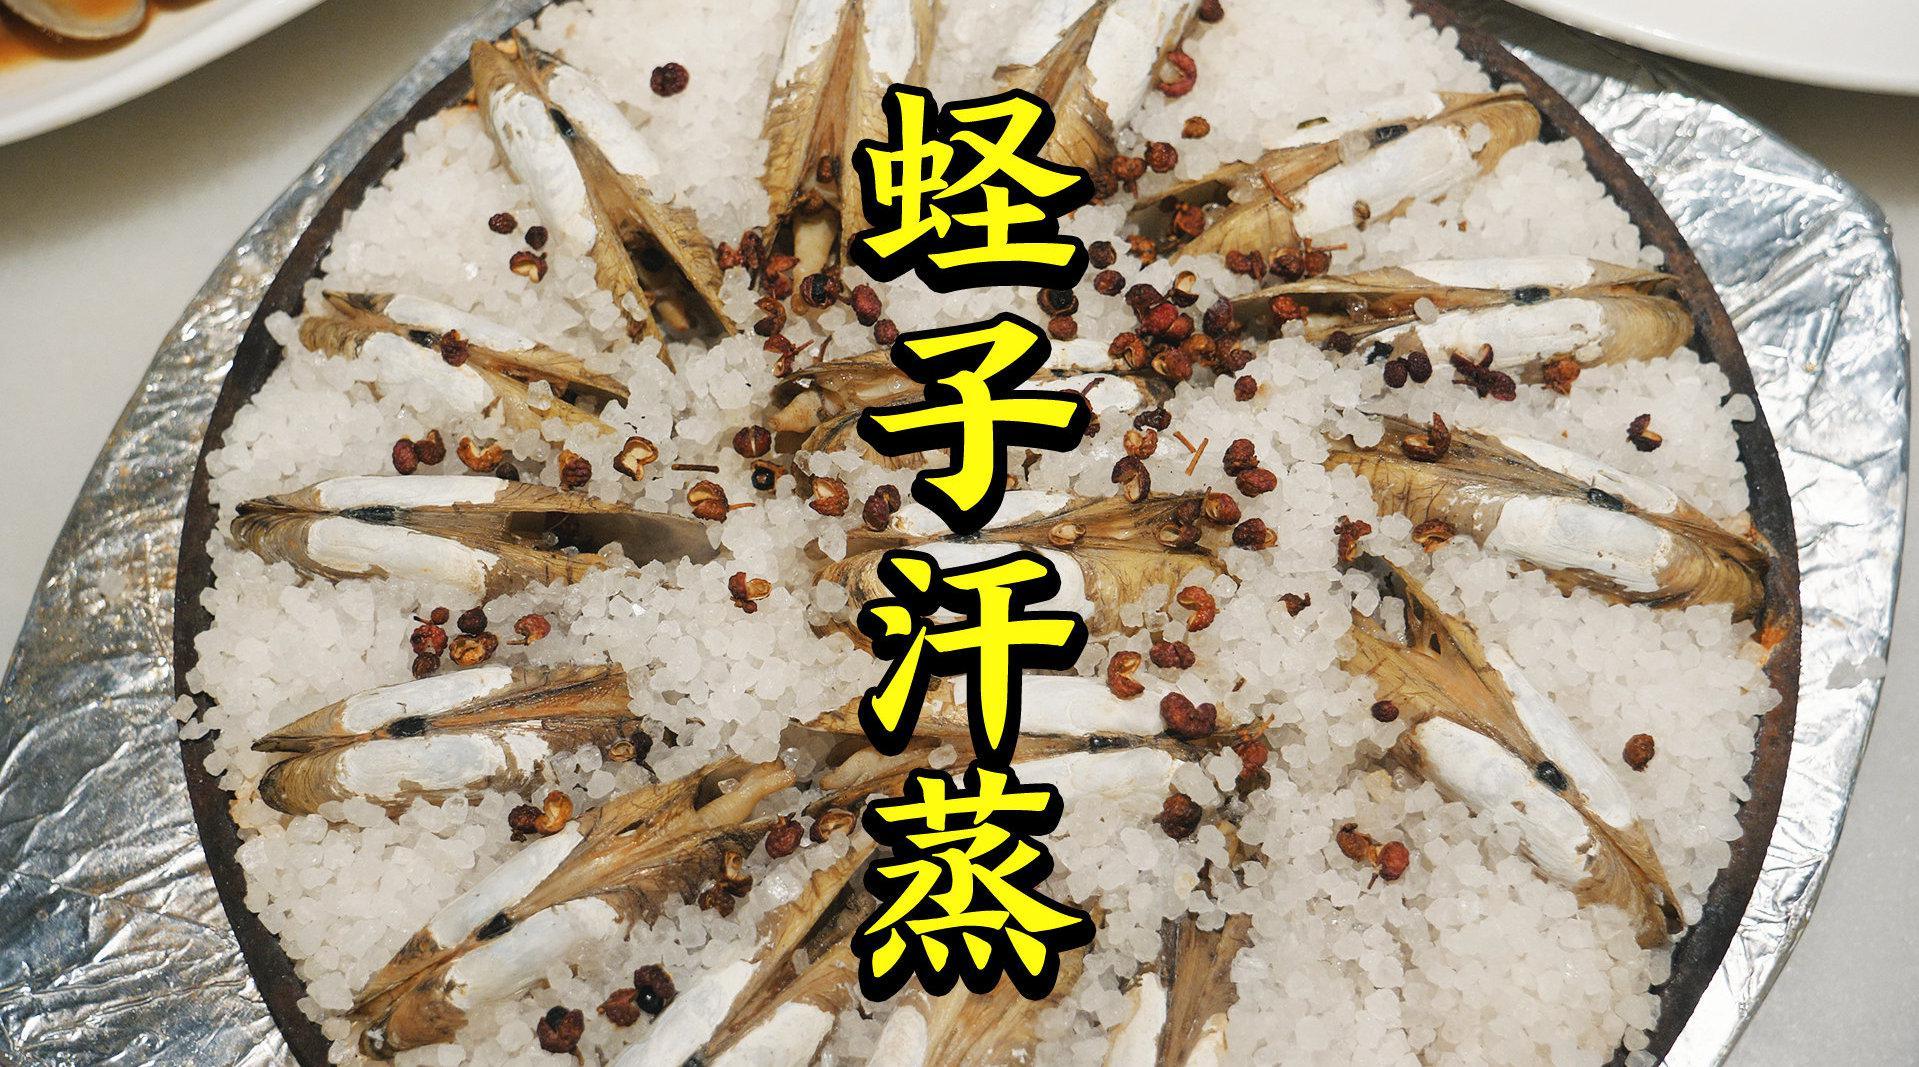 3公斤盐下去,蛏子:我裂开了! 北京人气最旺温州大排档,走……